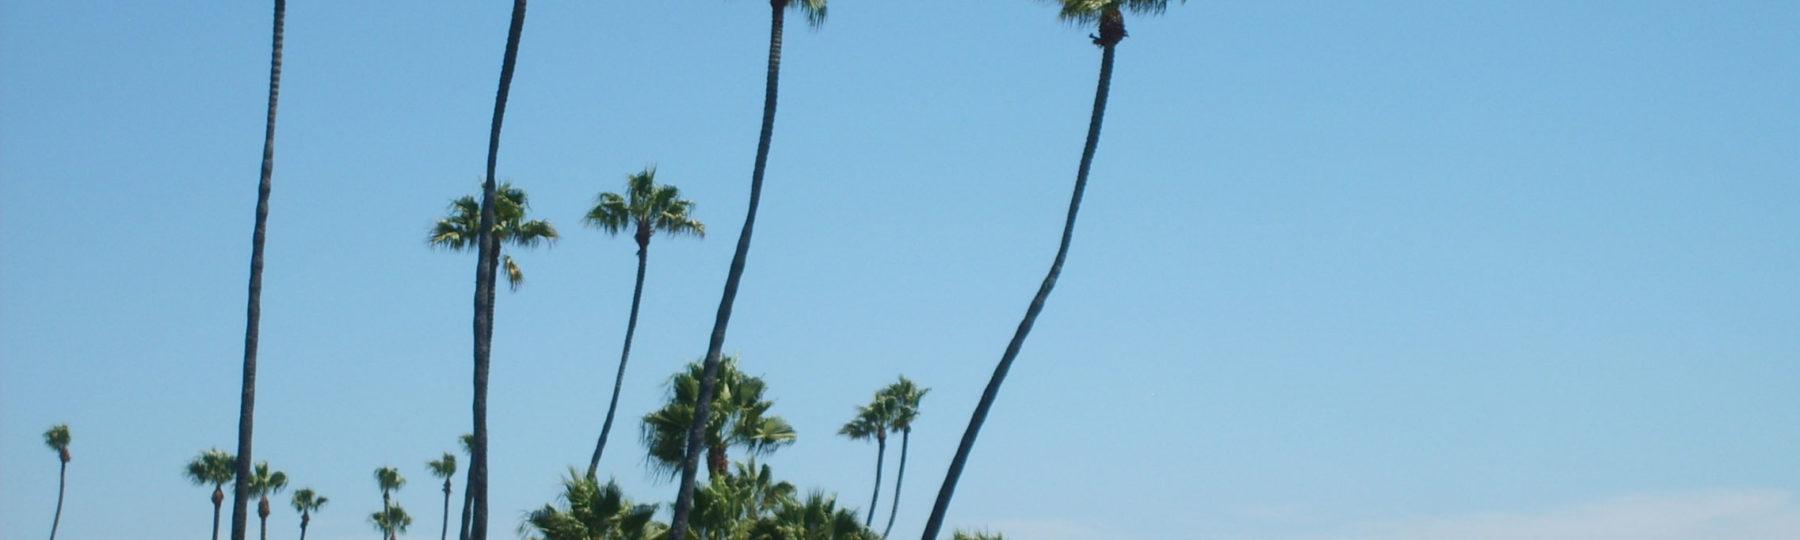 Laguna Beach Orange County